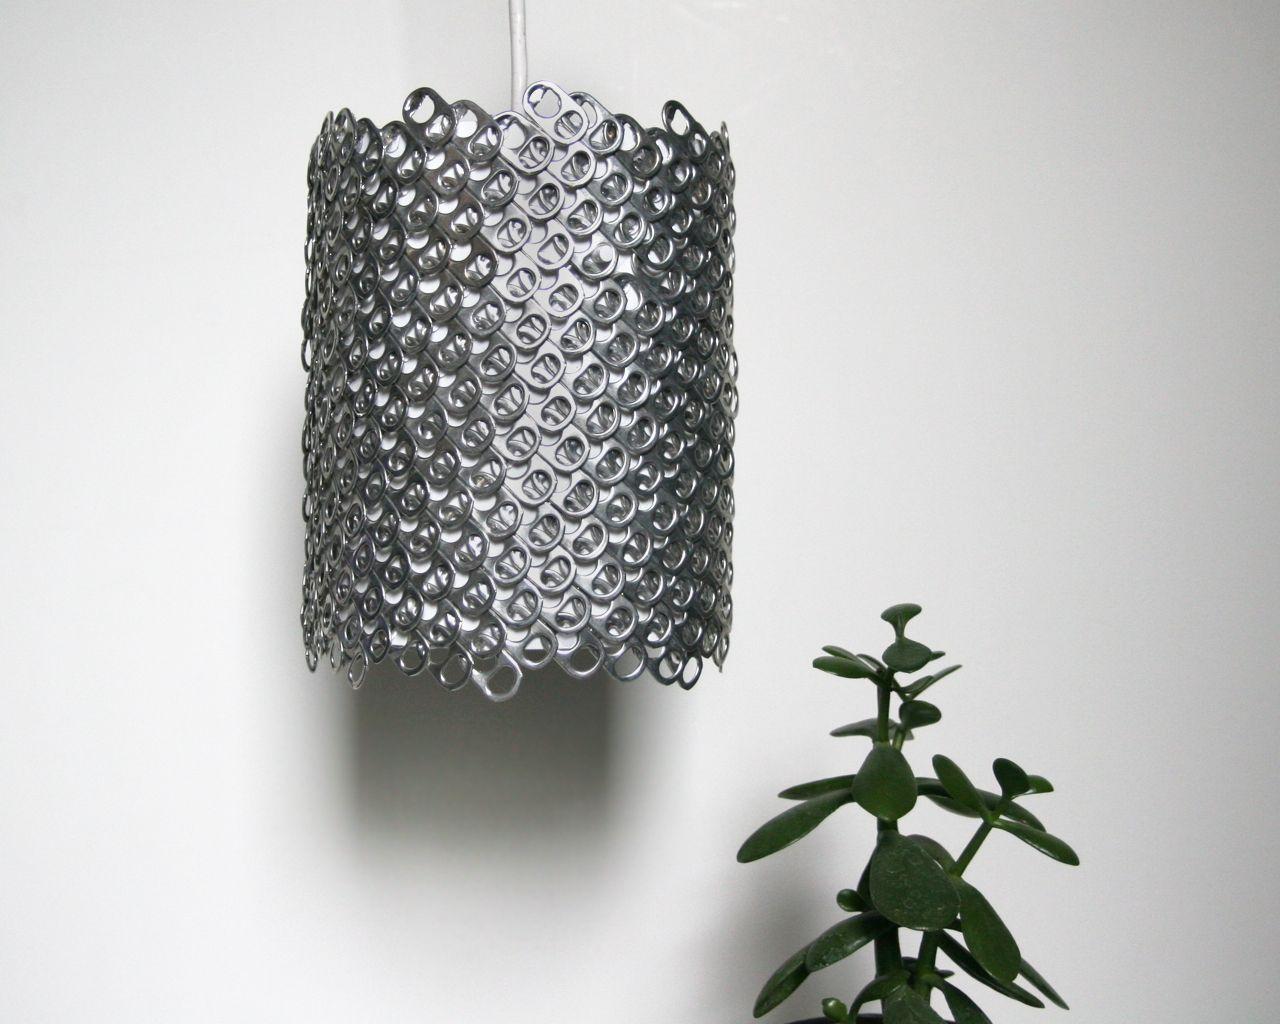 Светильник из алюминиевой банки своими руками